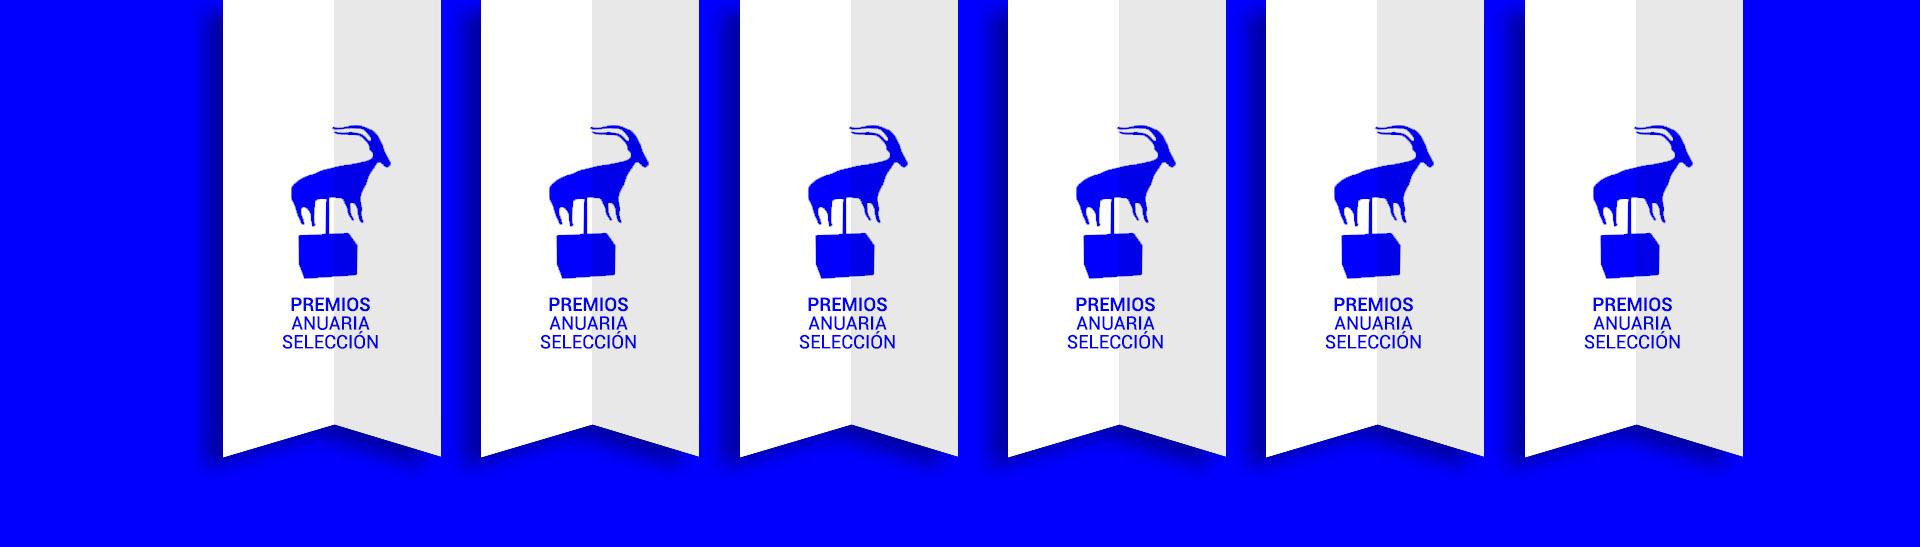 premios anuaria - beusual - premios nacionales de diseno grafico - diseno santander - seleccion